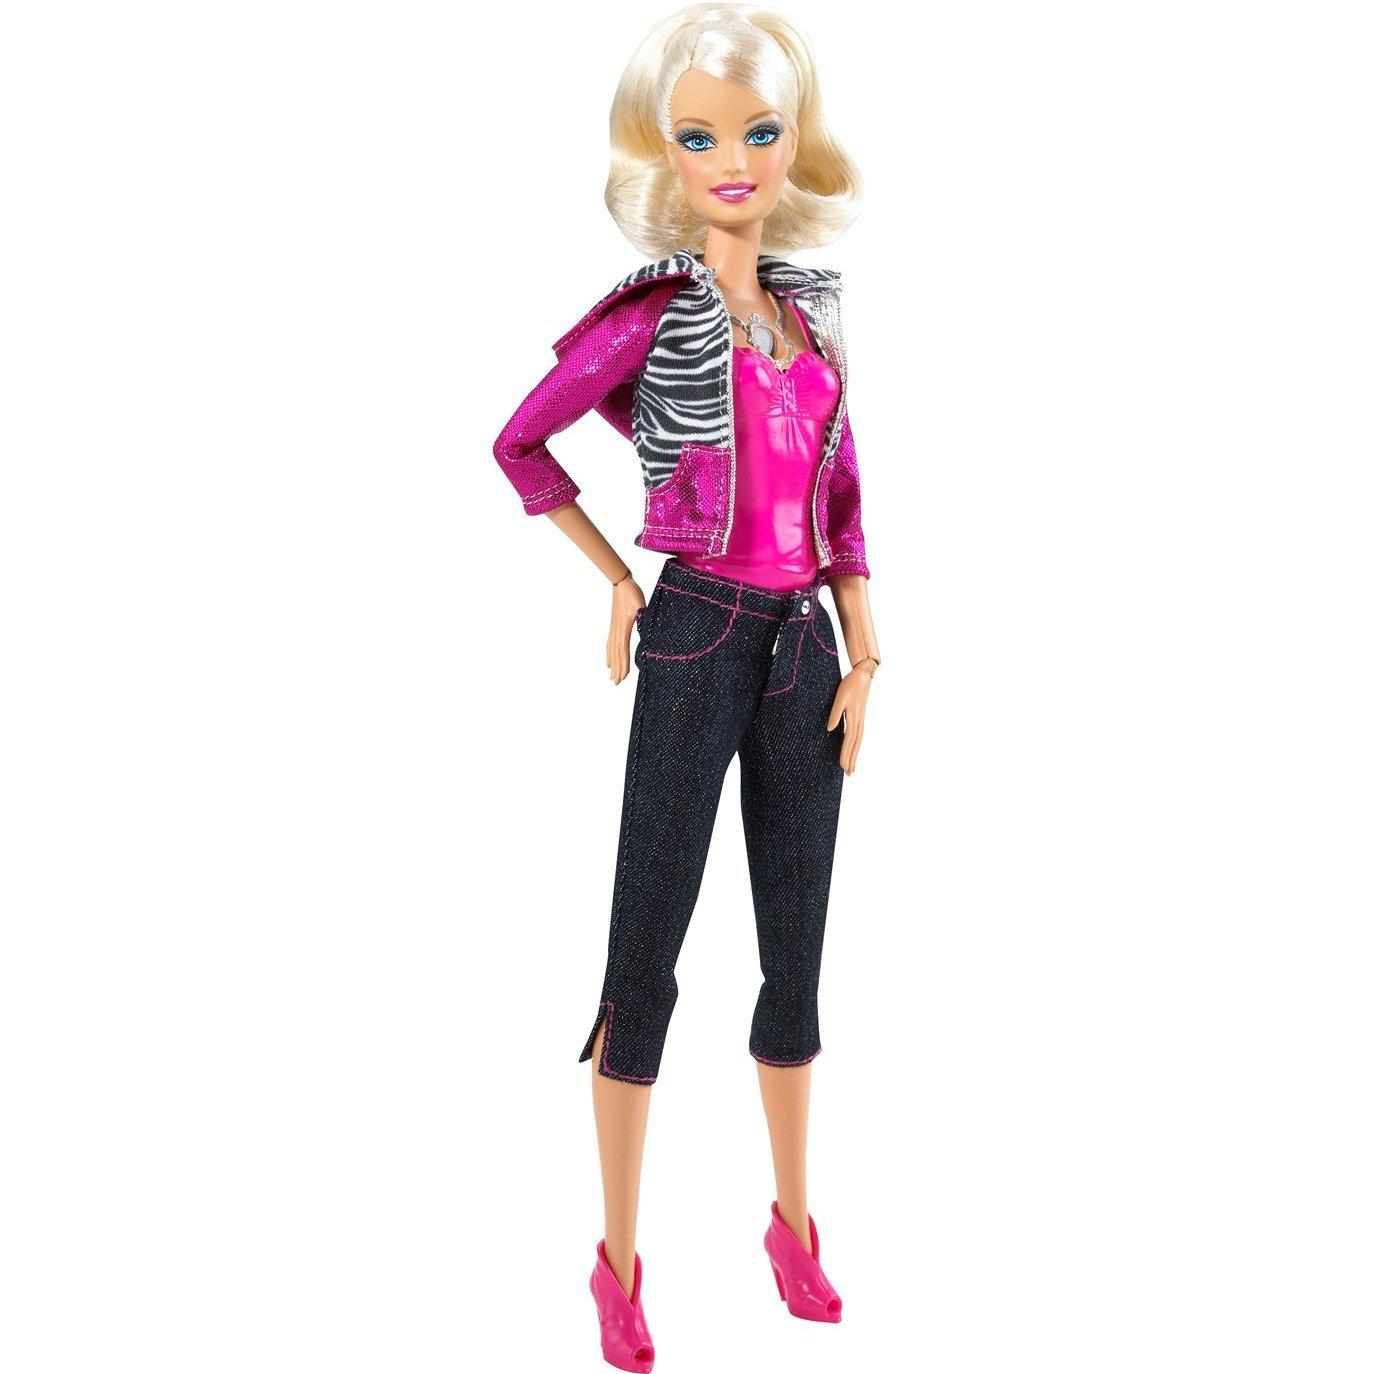 Barbie Video Girl Puppe Ich bin eine echte Videokamera